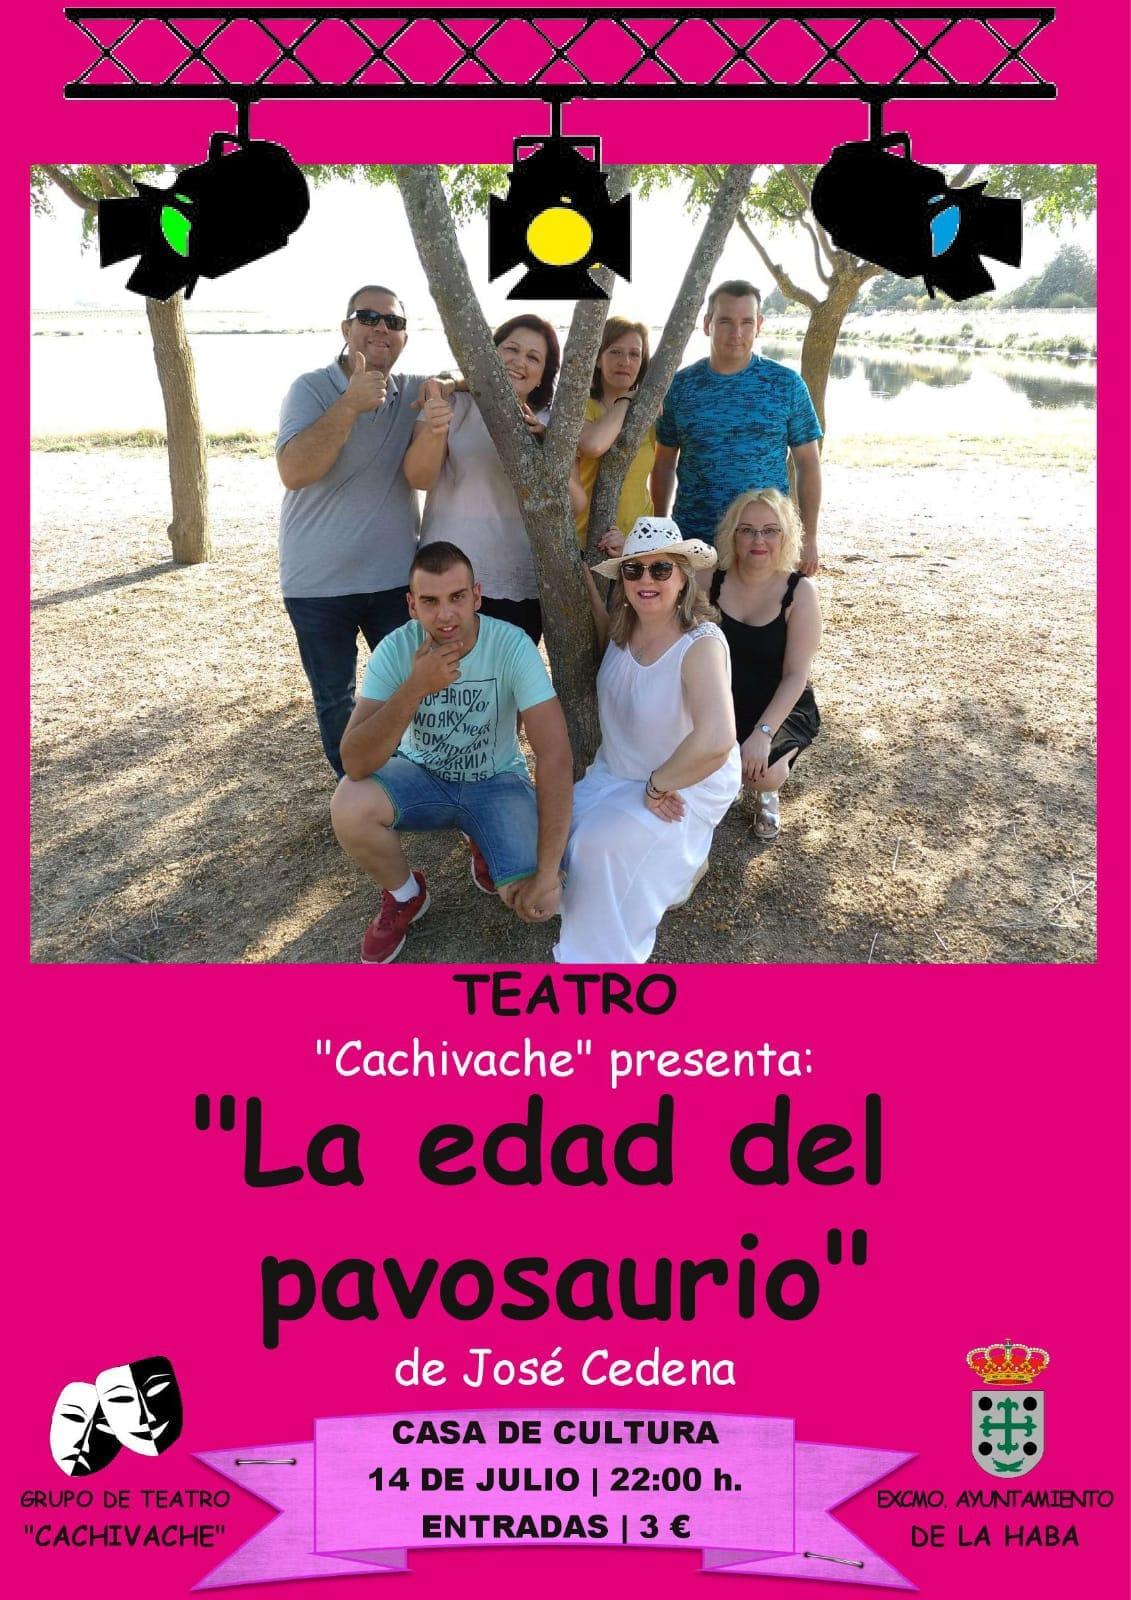 Chicas Casa Pink Tiene Plazas Libres Aprovecha No Te Quedes Sin Tuya 1083